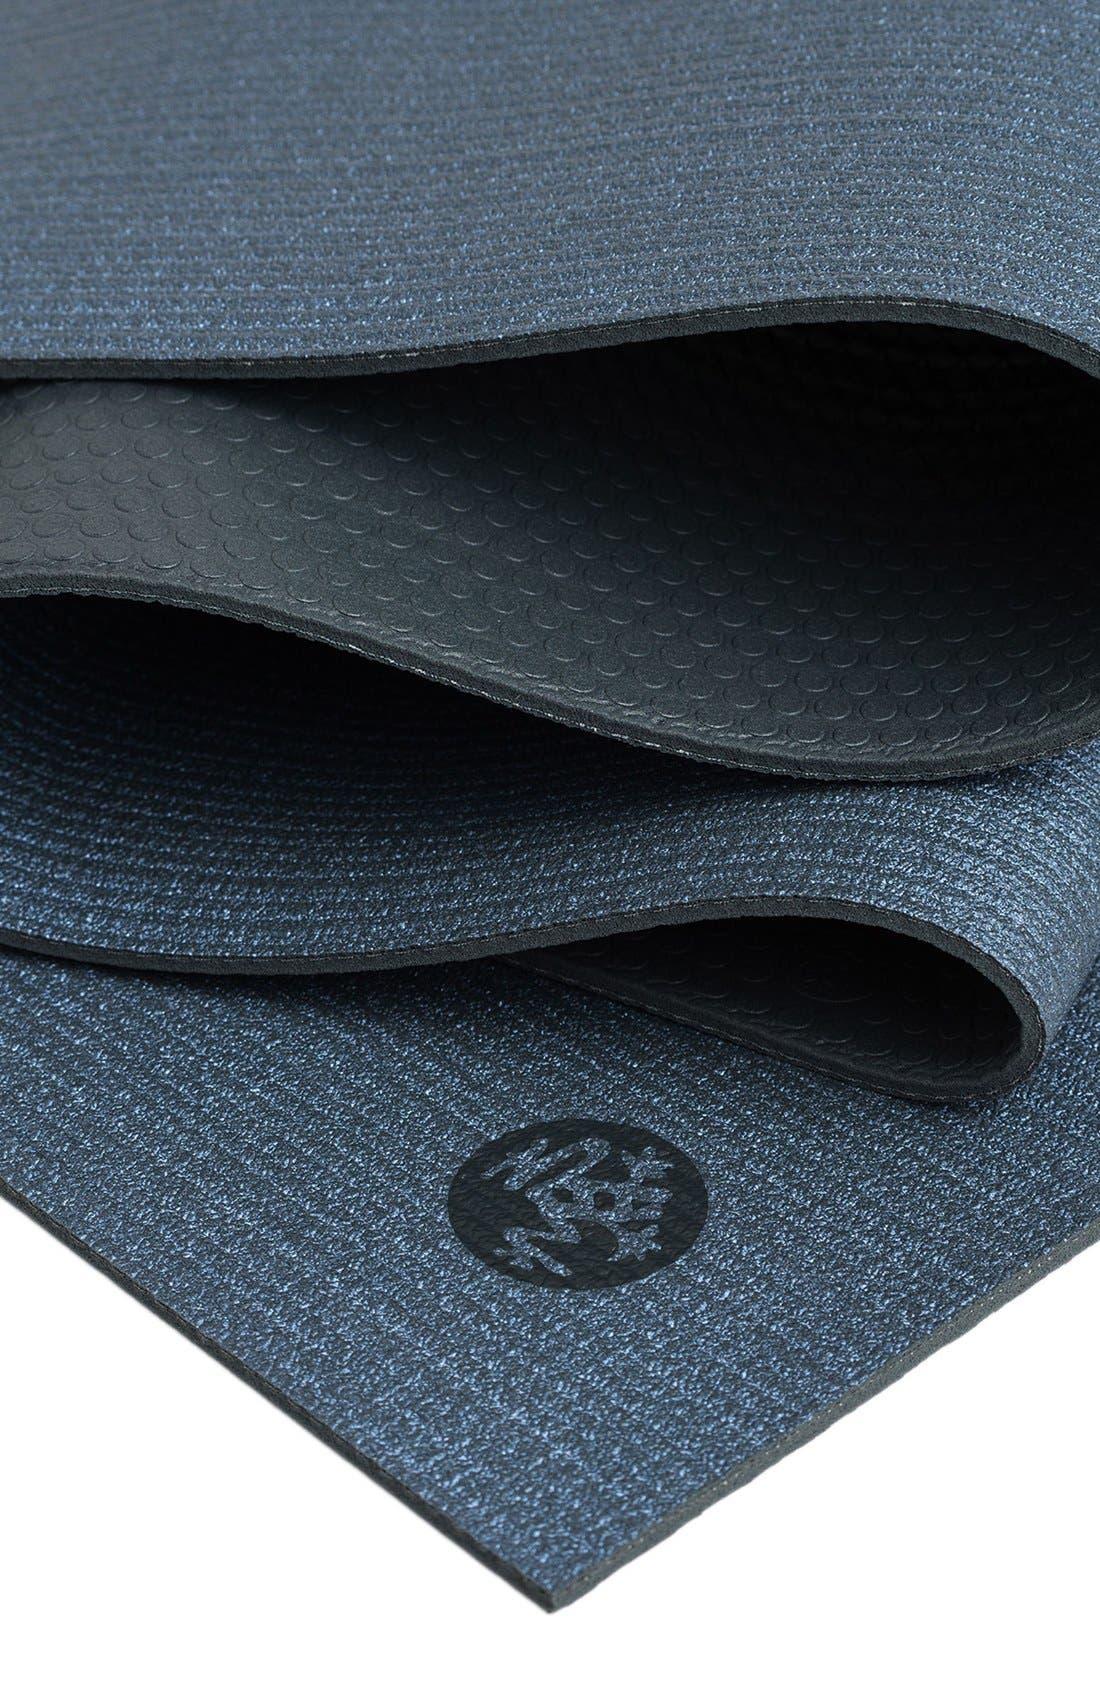 'ProLite - Nuru' Yoga Mat,                             Alternate thumbnail 3, color,                             025